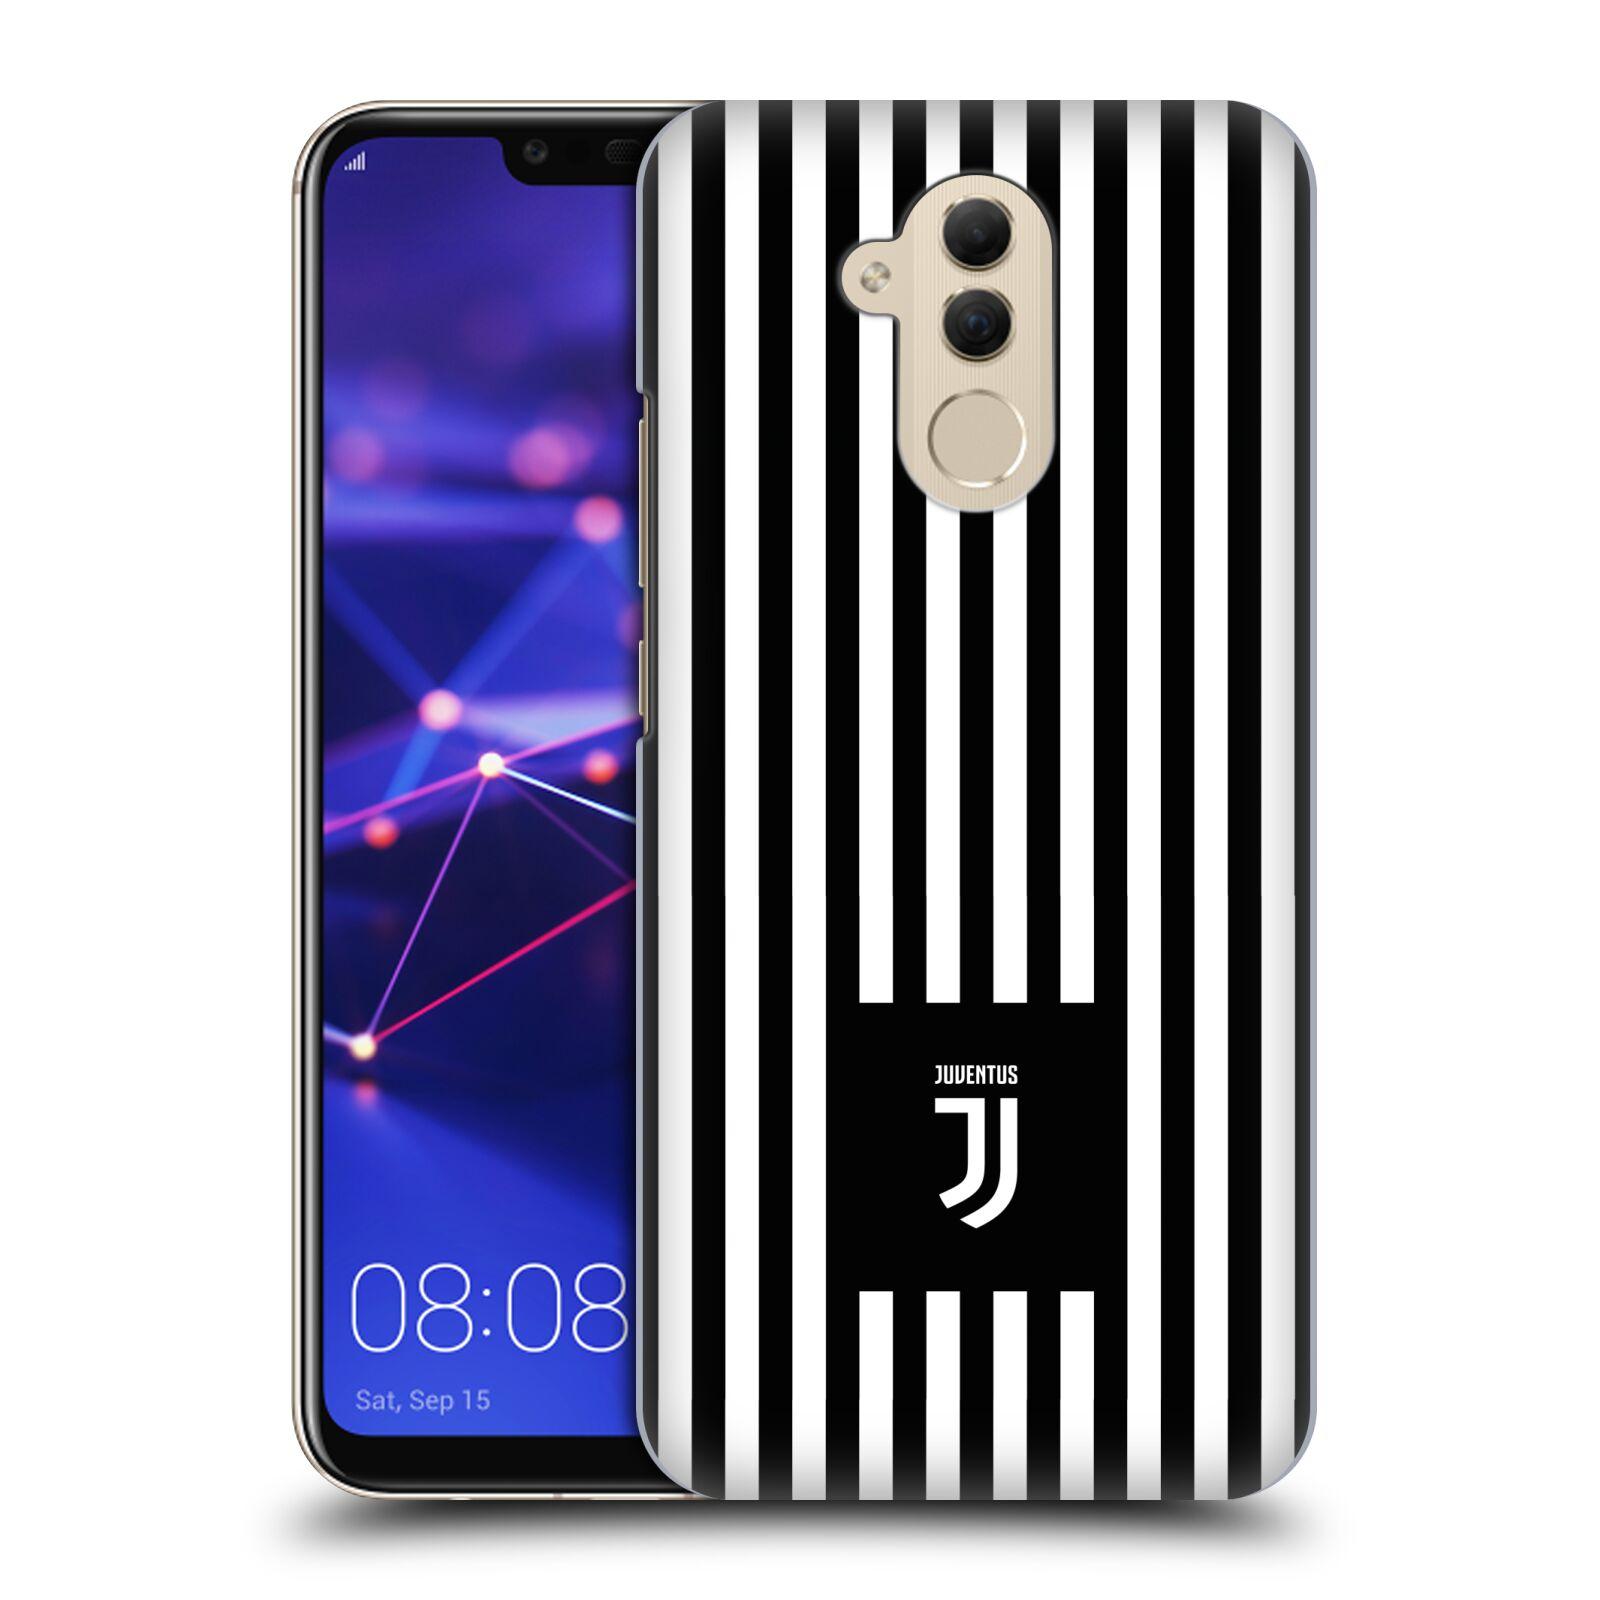 Plastové pouzdro na mobil Huawei Mate 20 Lite - Head Case - Juventus FC - Nové logo - Pruhy